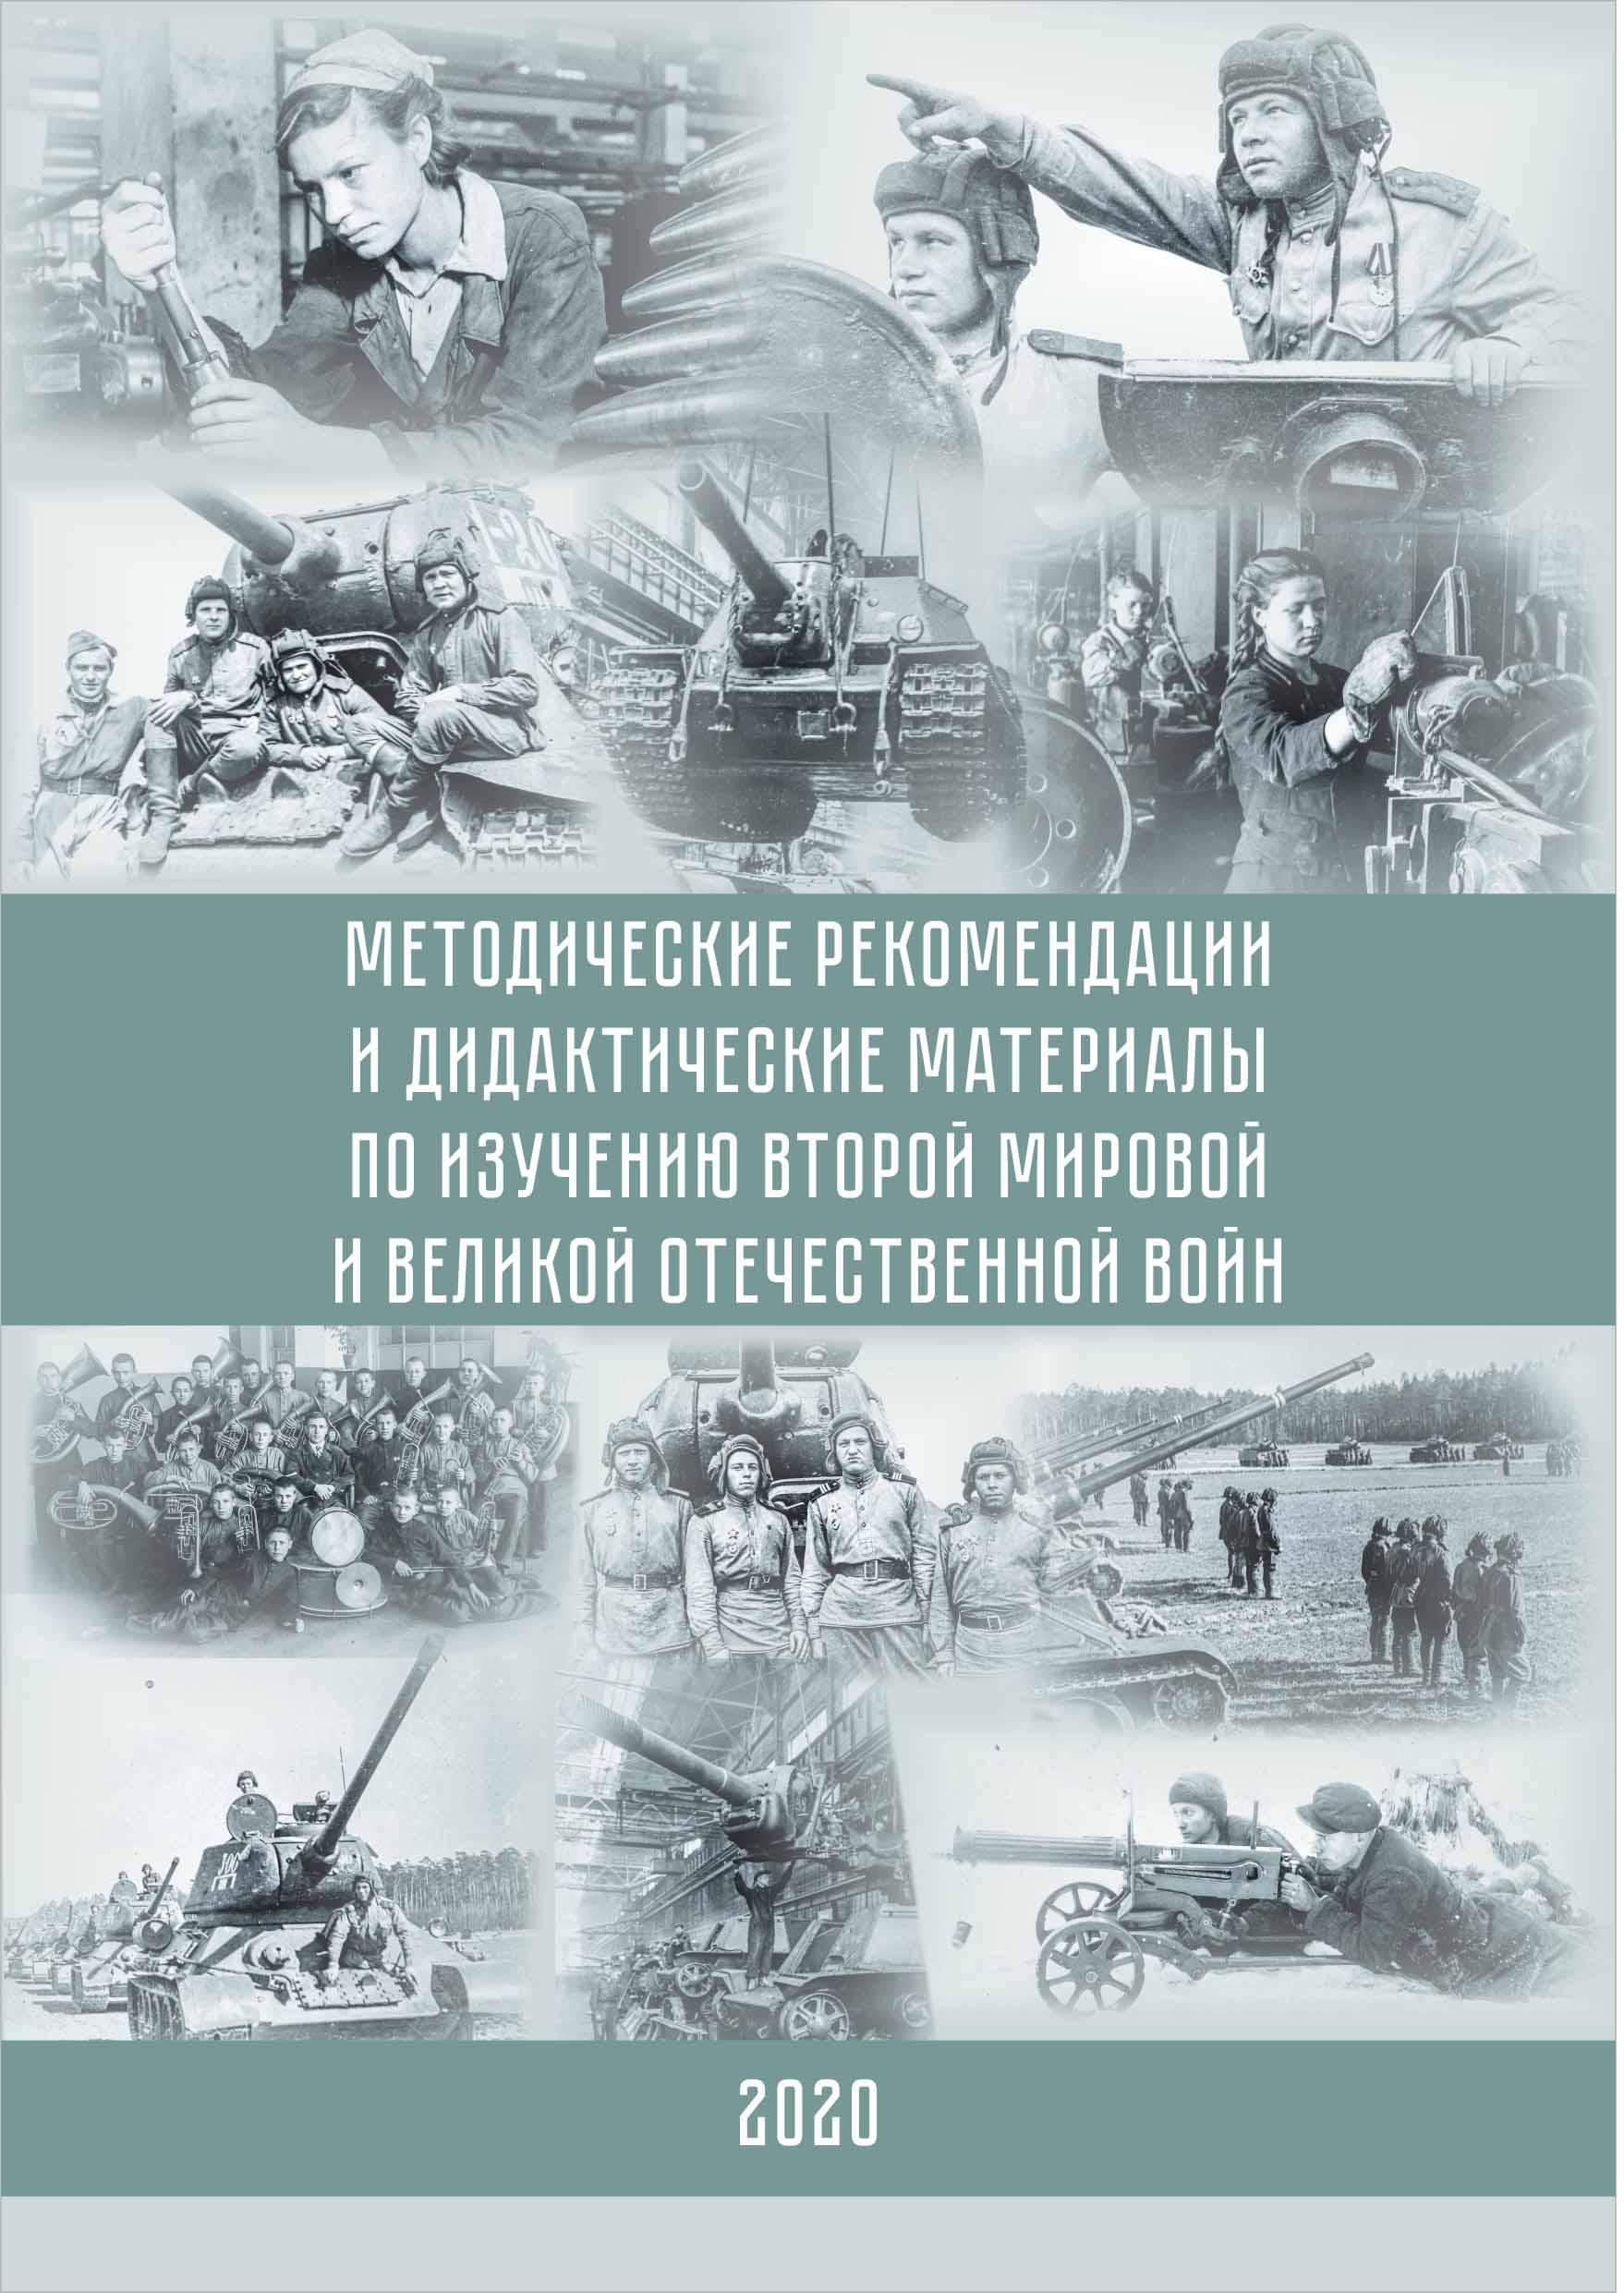 Методические рекомендации по изучению Второй мировой и Великой Отечественной